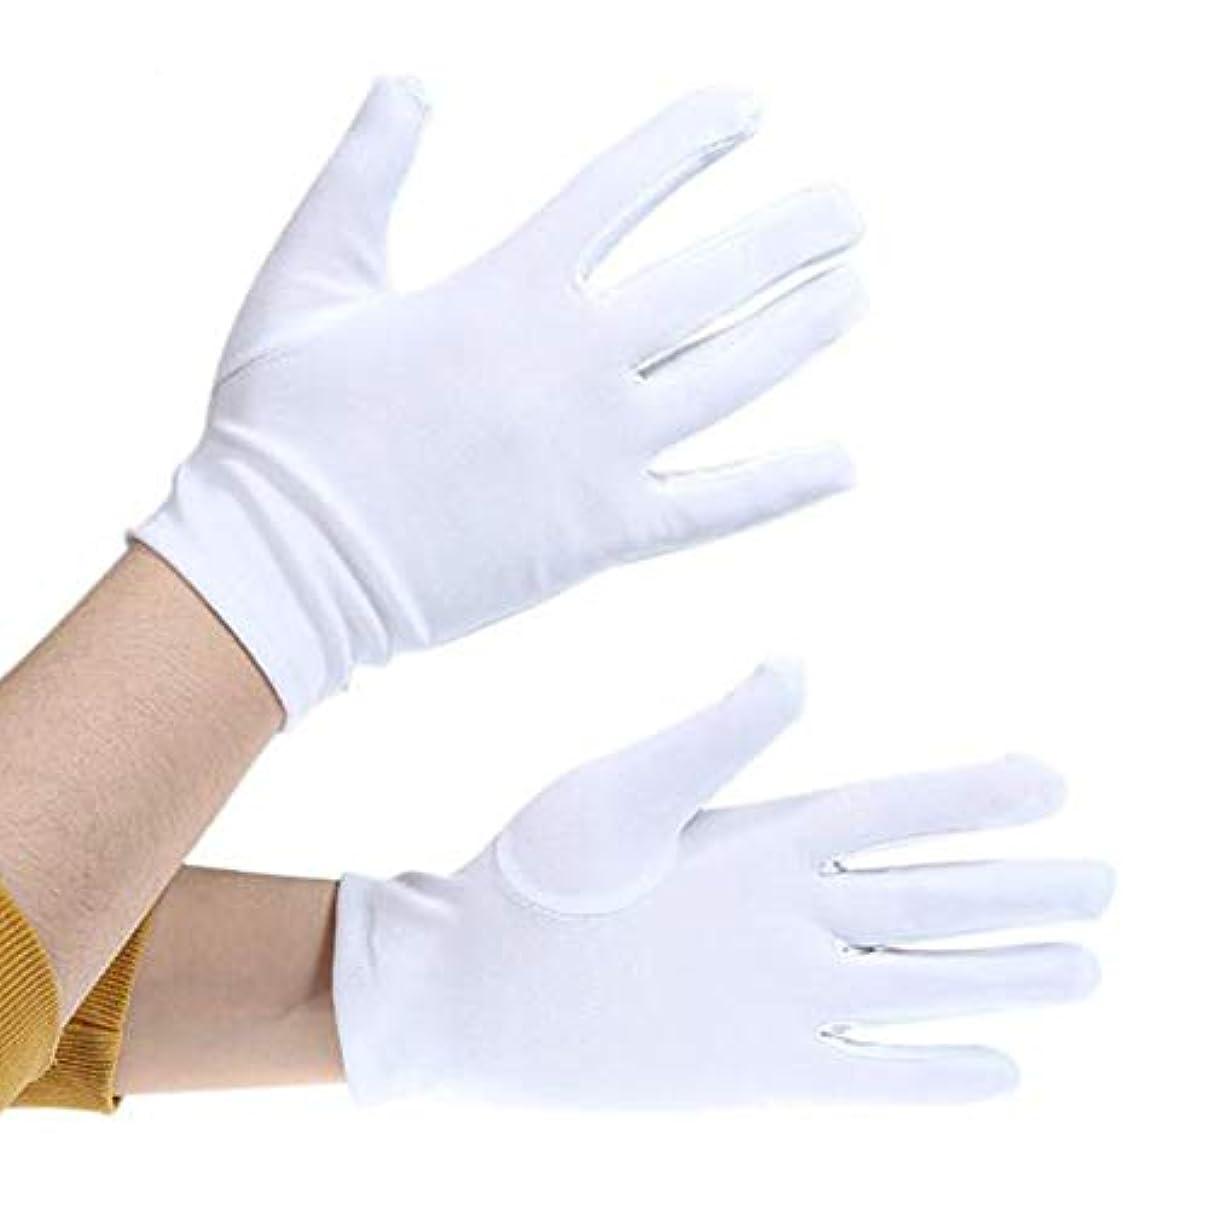 技術貢献する差し迫った白手袋薄 礼装用 ジュエリーグローブ時計 貴金属 宝石 接客用 品質管理用 作業用手ぶくろ,保護着用者